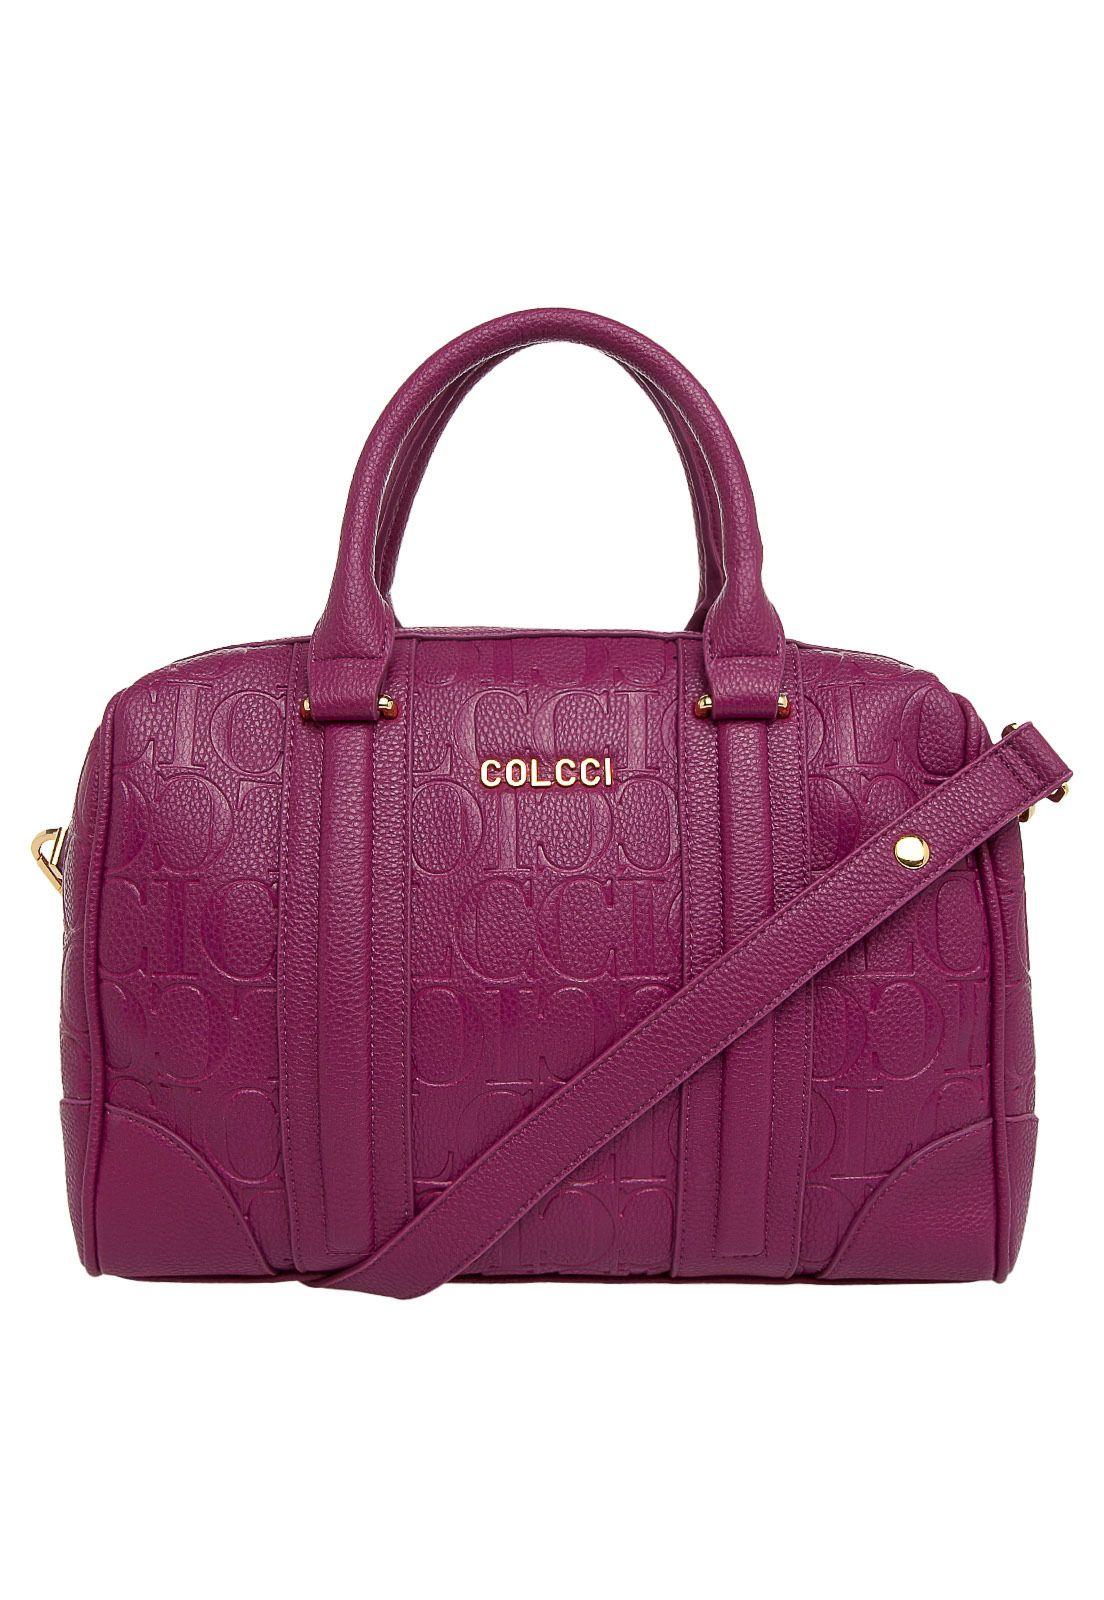 Bolsa Colcci Rosa - Compre Agora   Dafiti Brasil   Bags   Shoes ... 8d3d195d4d